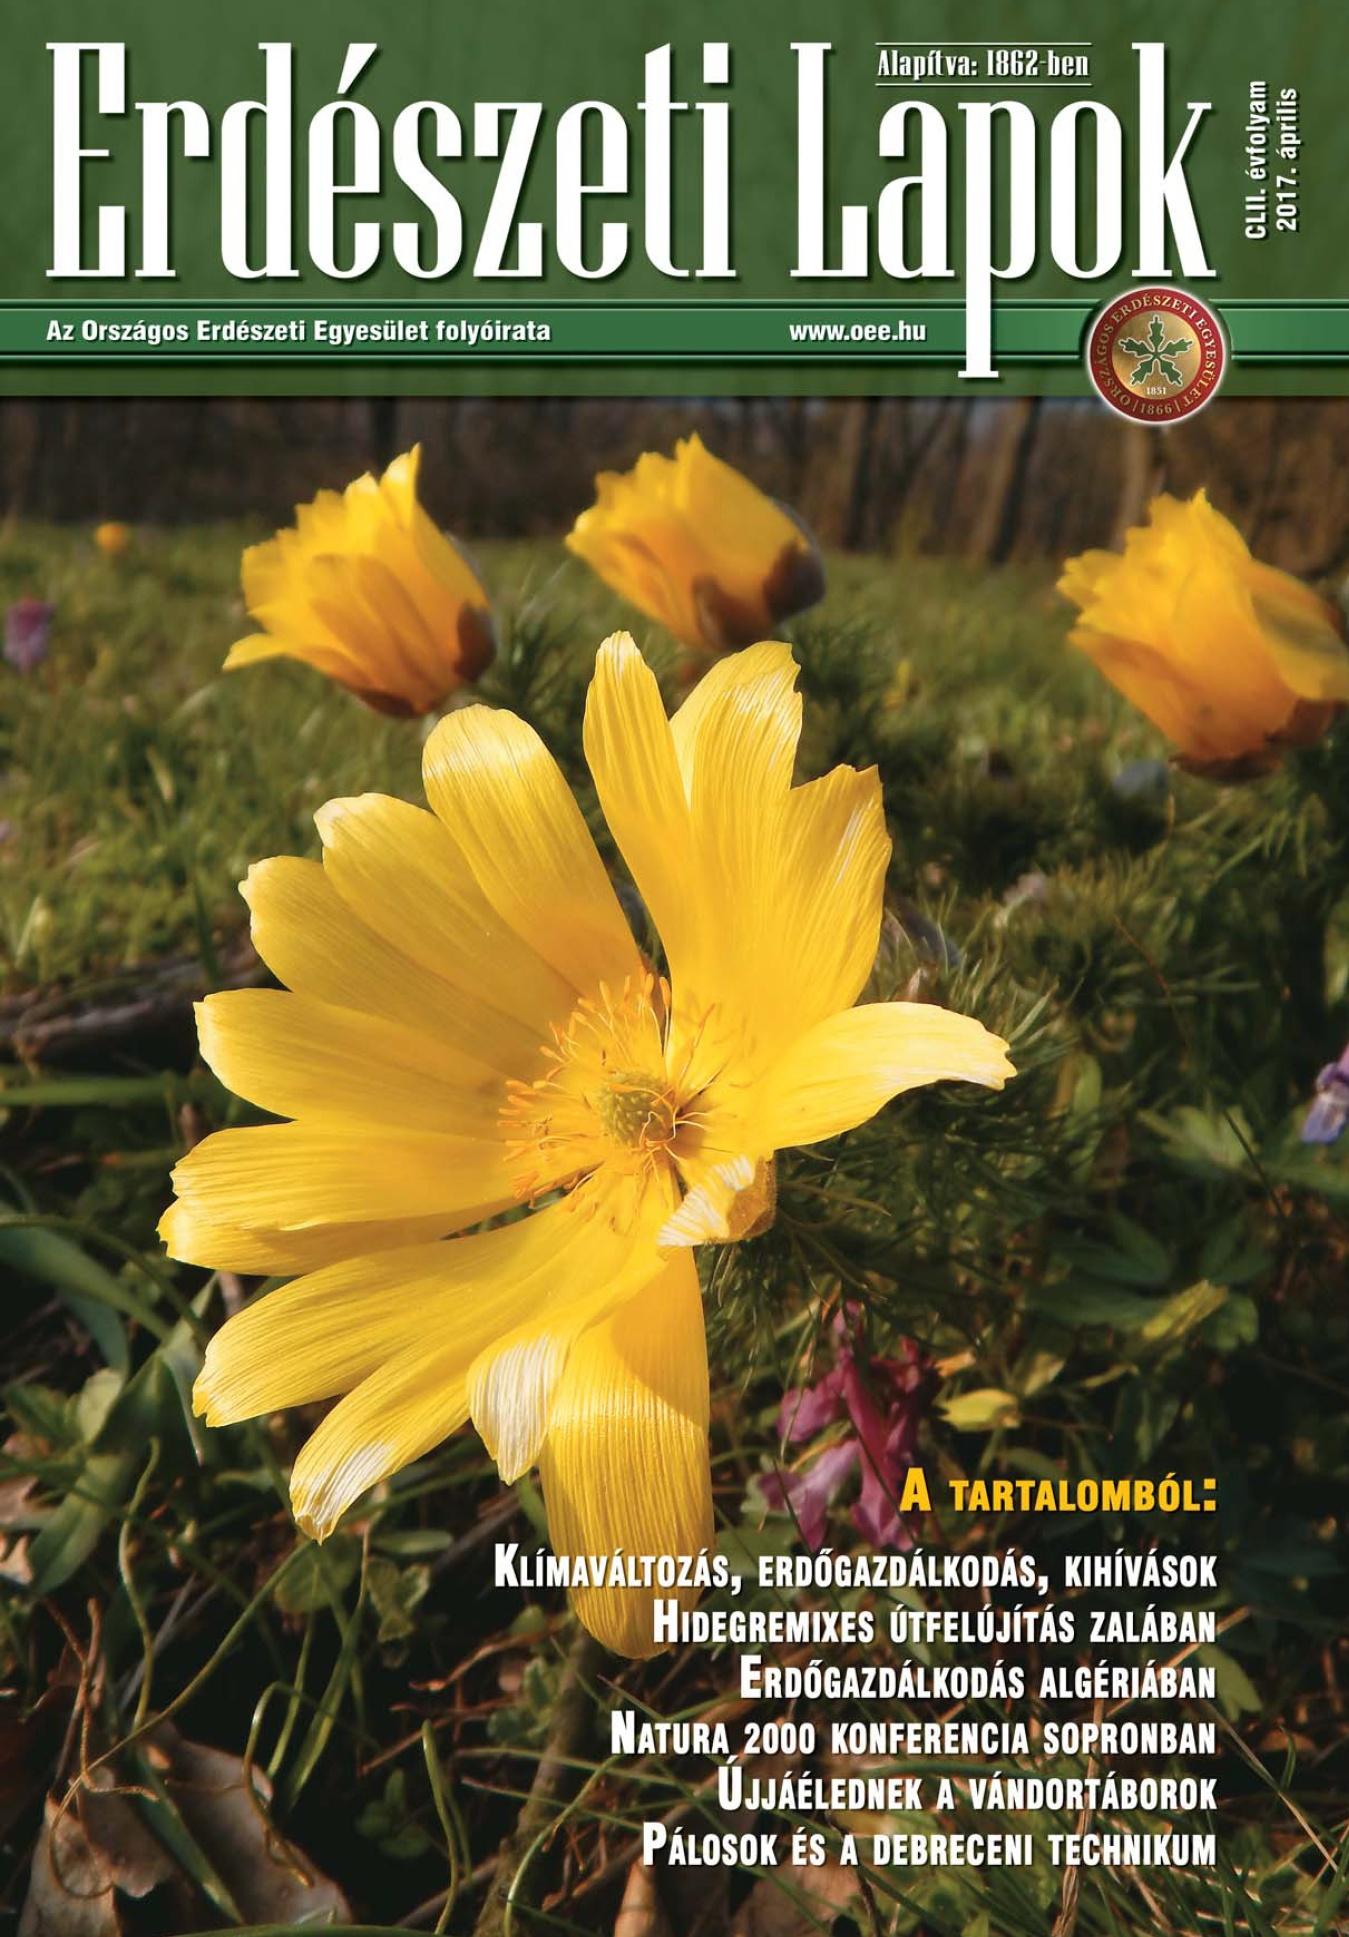 Erdészeti Lapok - 152. évfolyam - 2017. április